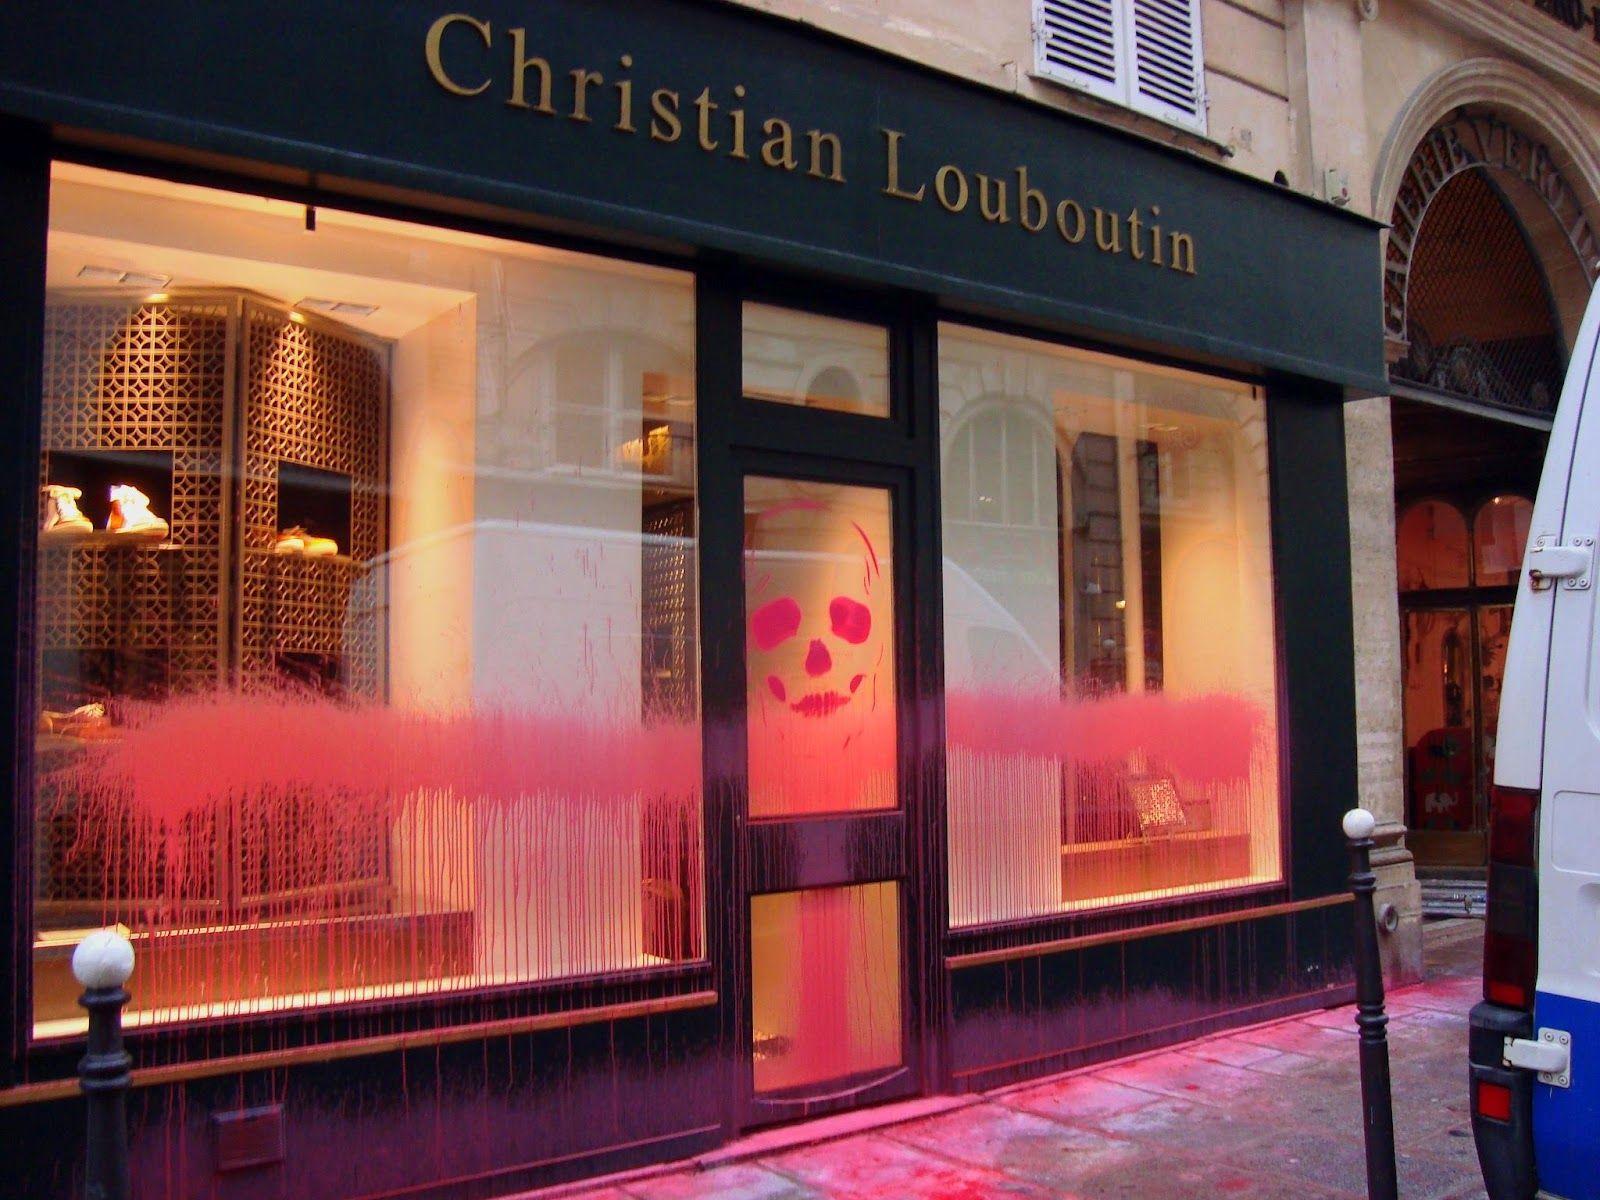 christian louboutin boutique paris france